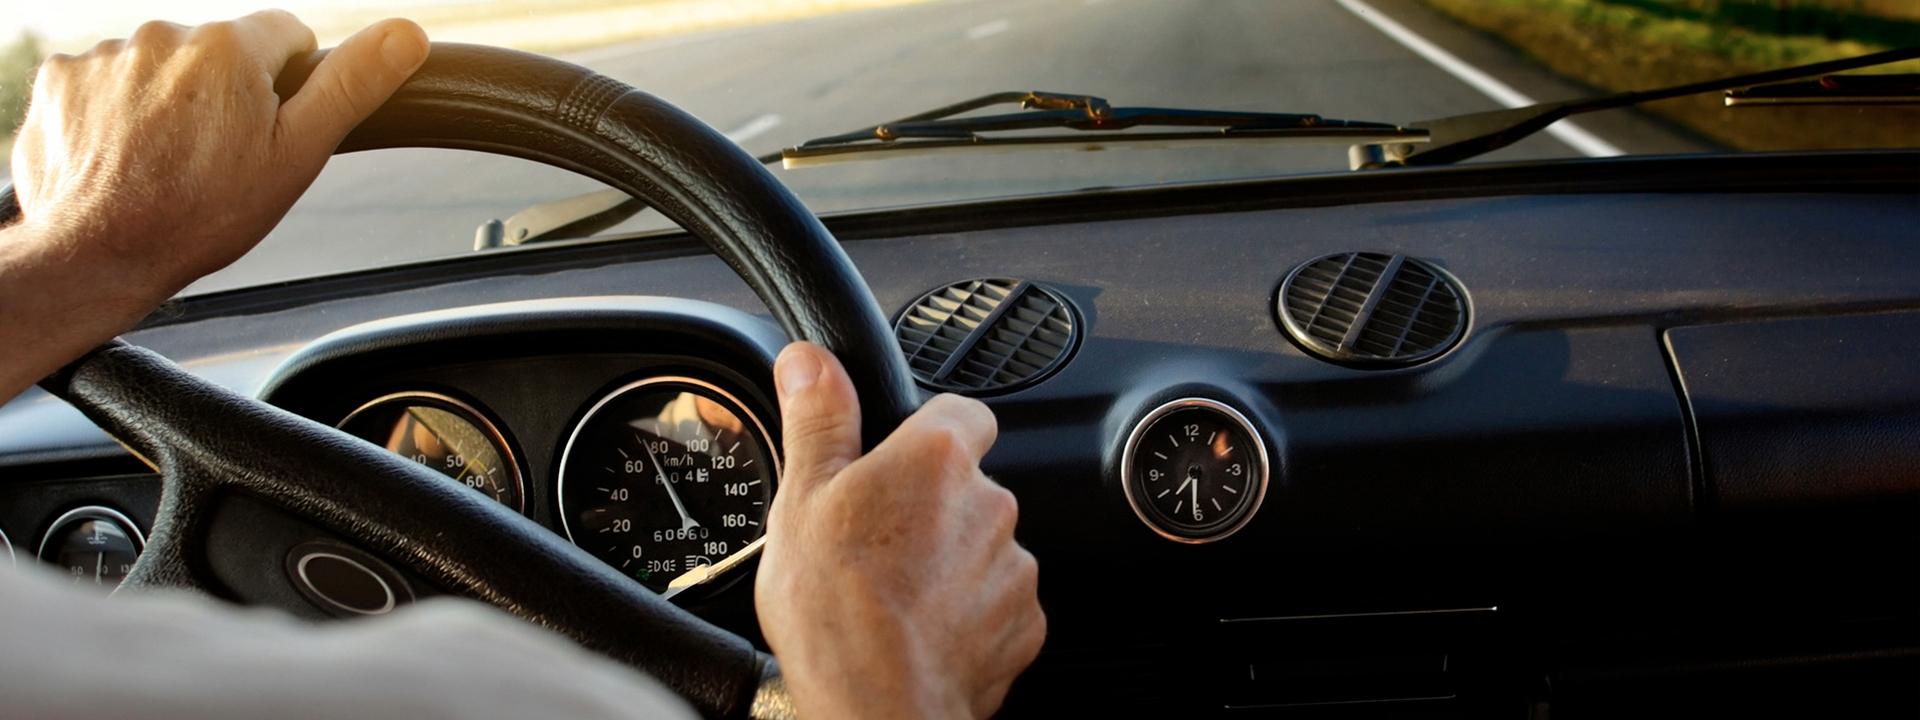 licencia-de-conducir-mas-facil